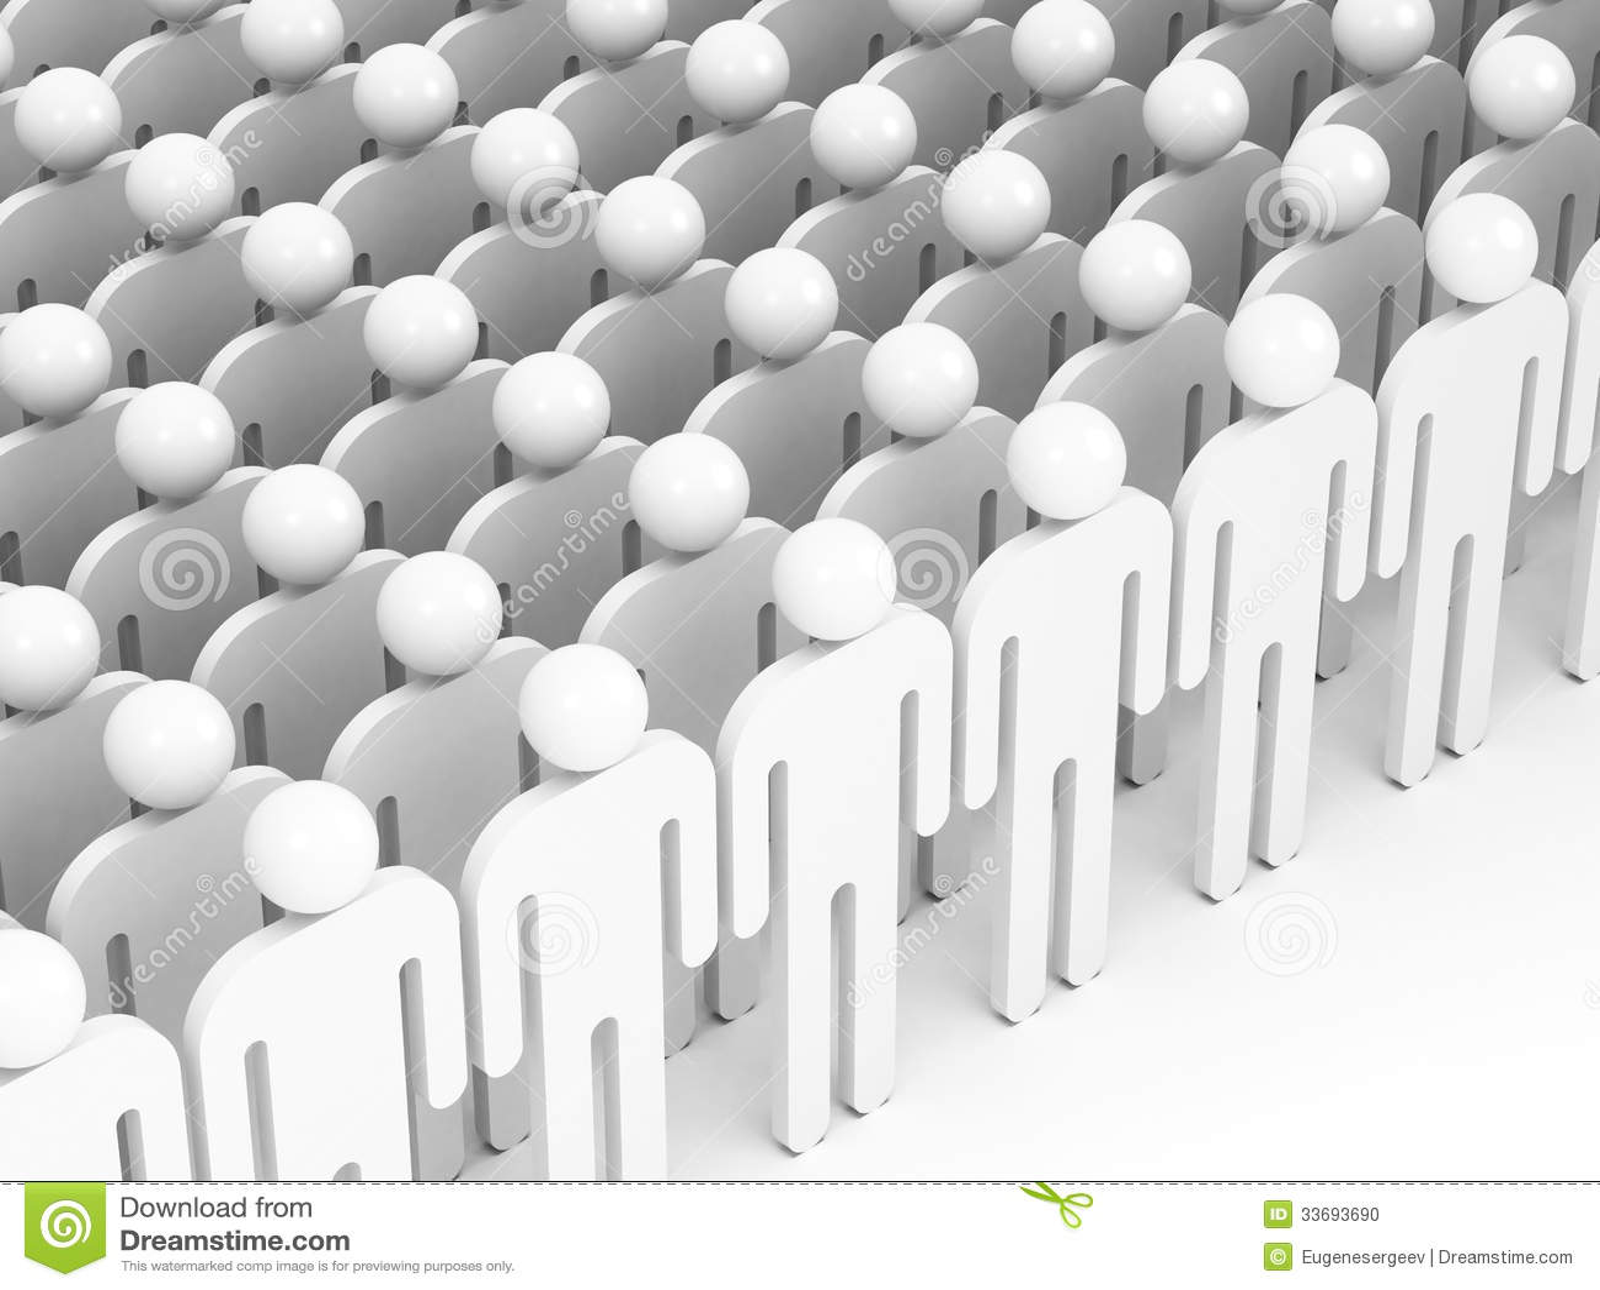 Multidão de povos brancos abstratos. 3d rendem